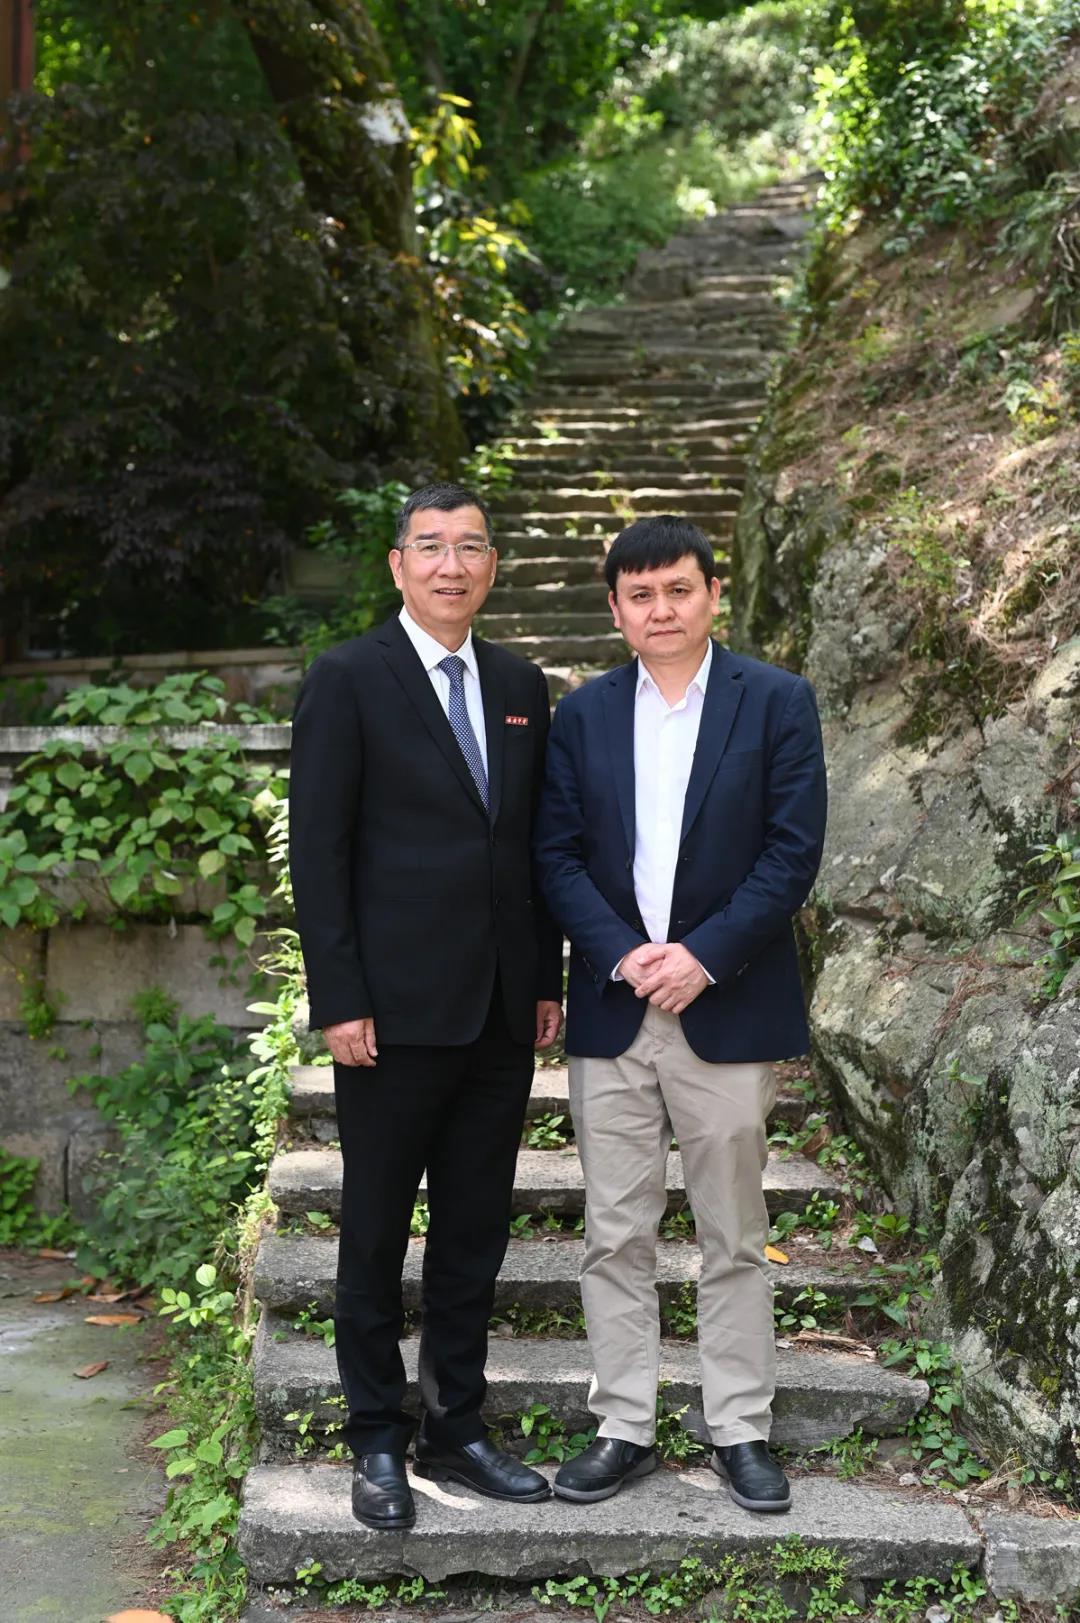 陈良明校长陪同张文宏校友参观他原先读书时的瑞中校园(现玉海中学)